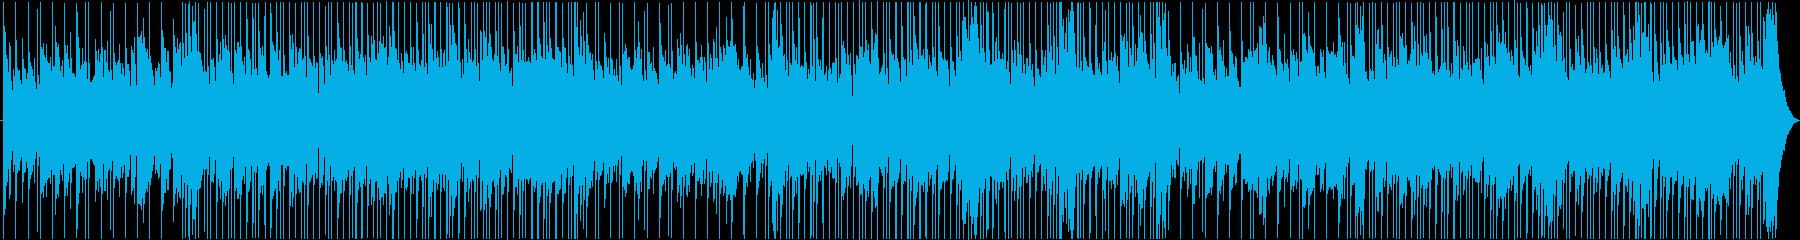 リラックス気分のカントリーソングの再生済みの波形